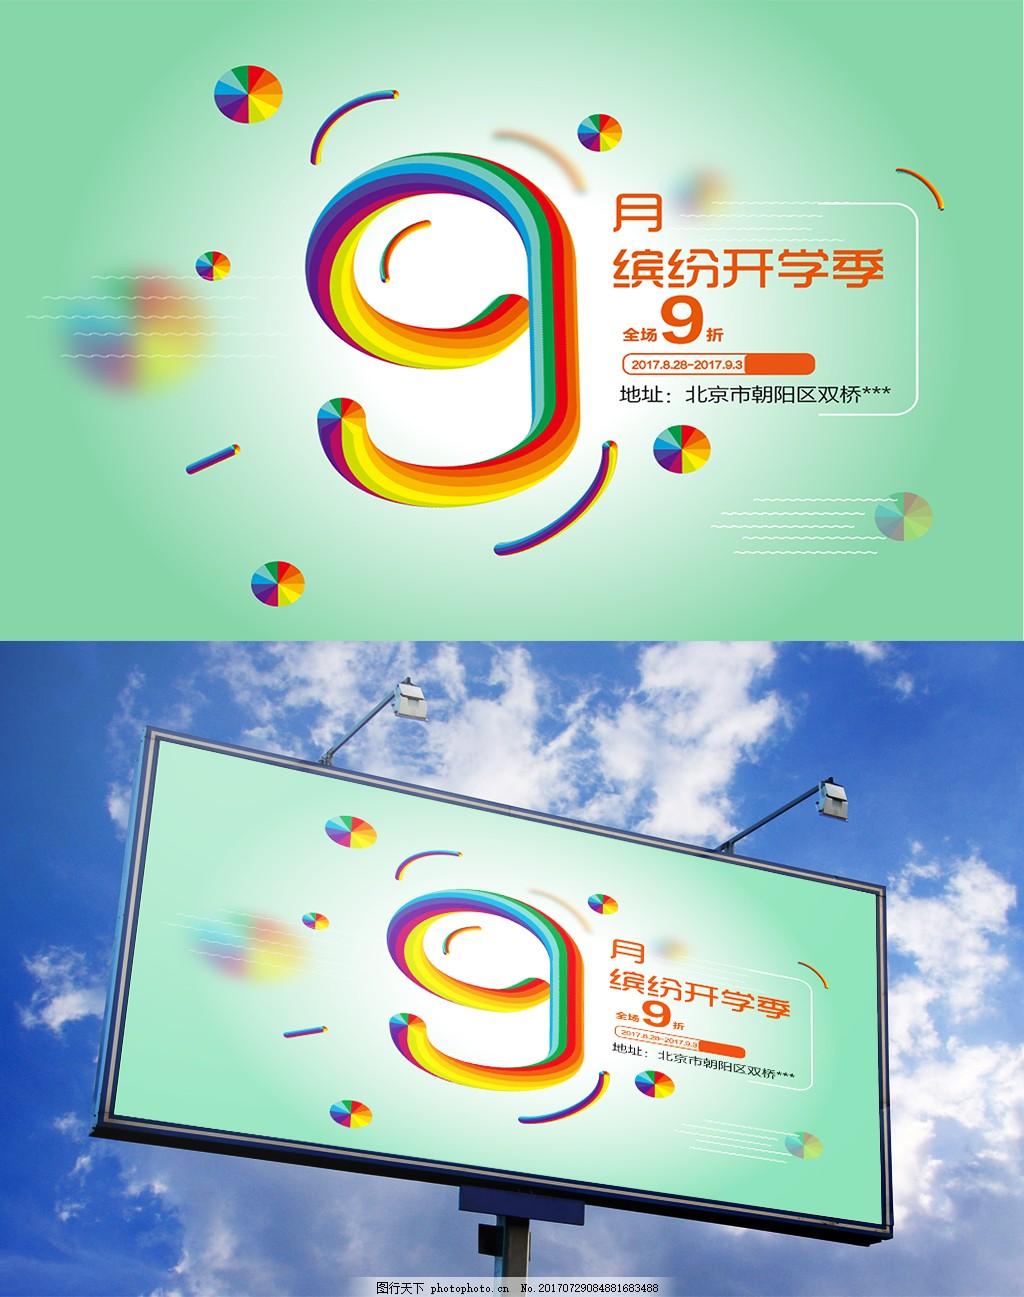 9月缤纷开学季促销活动宣传海报 季末促销 艺术字 彩色